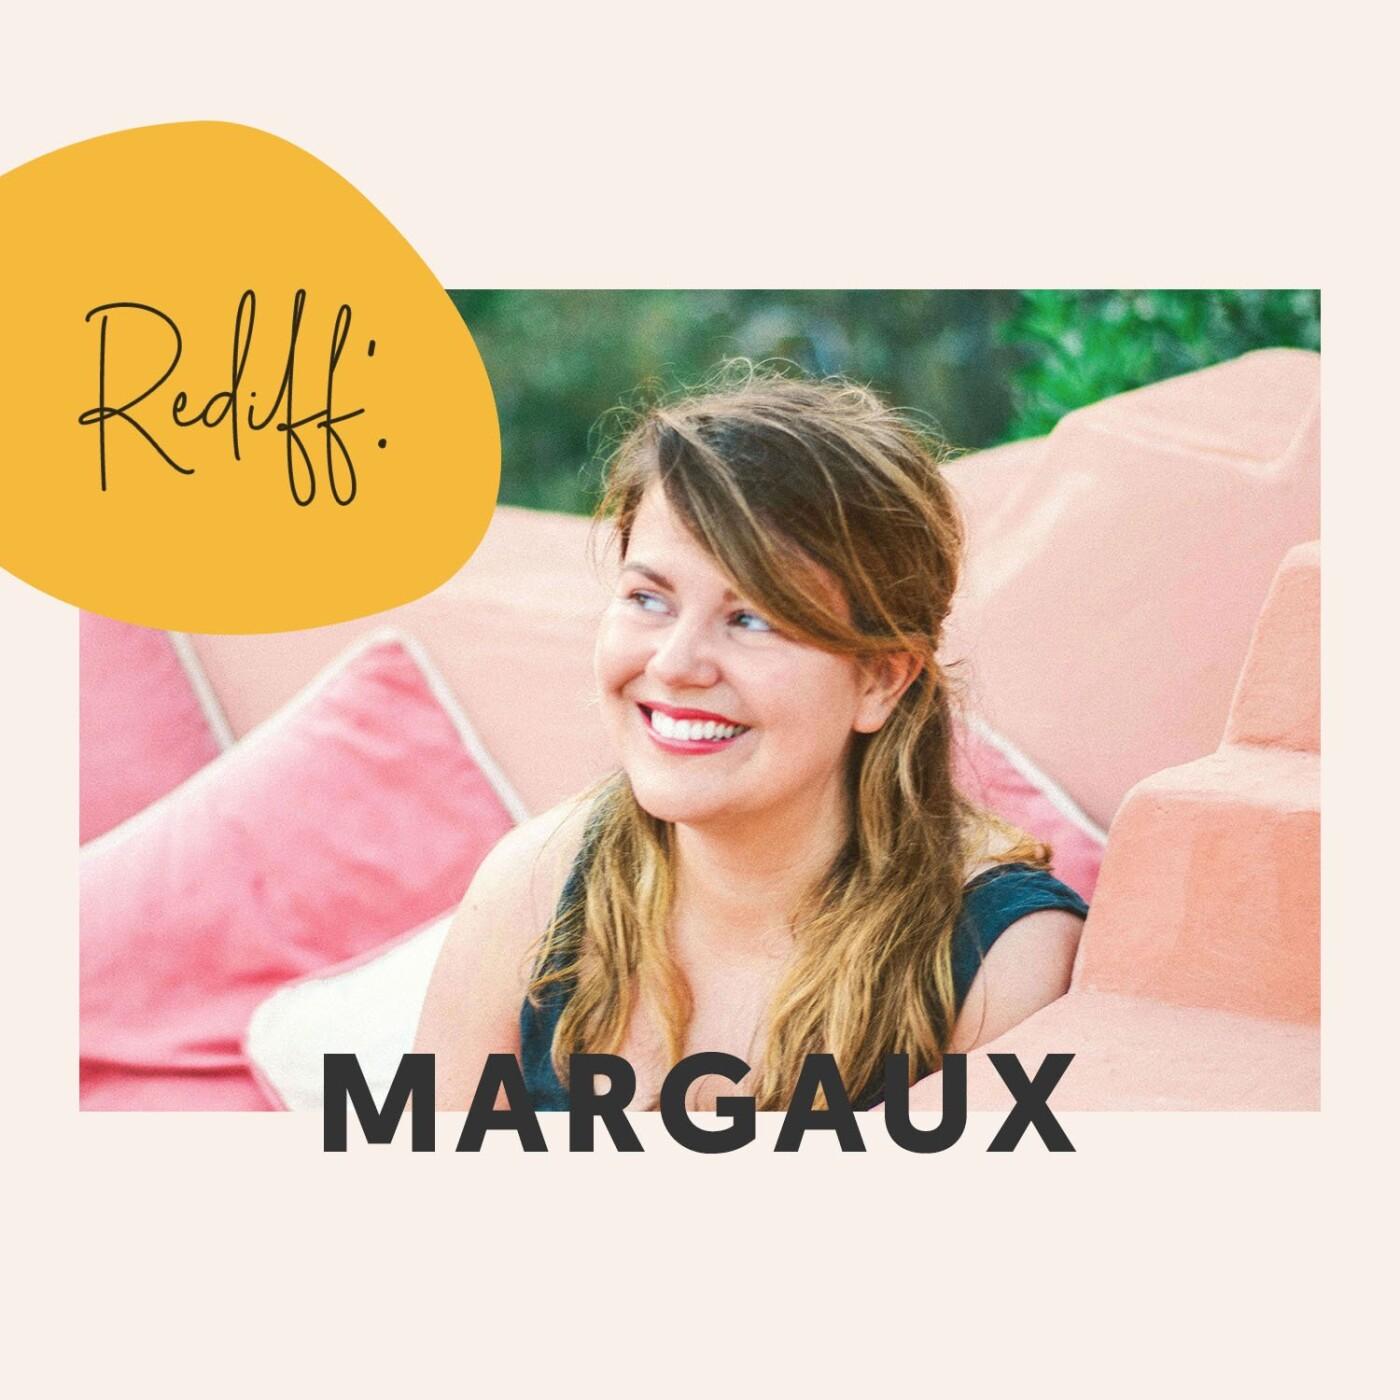 Rediff' • Margaux